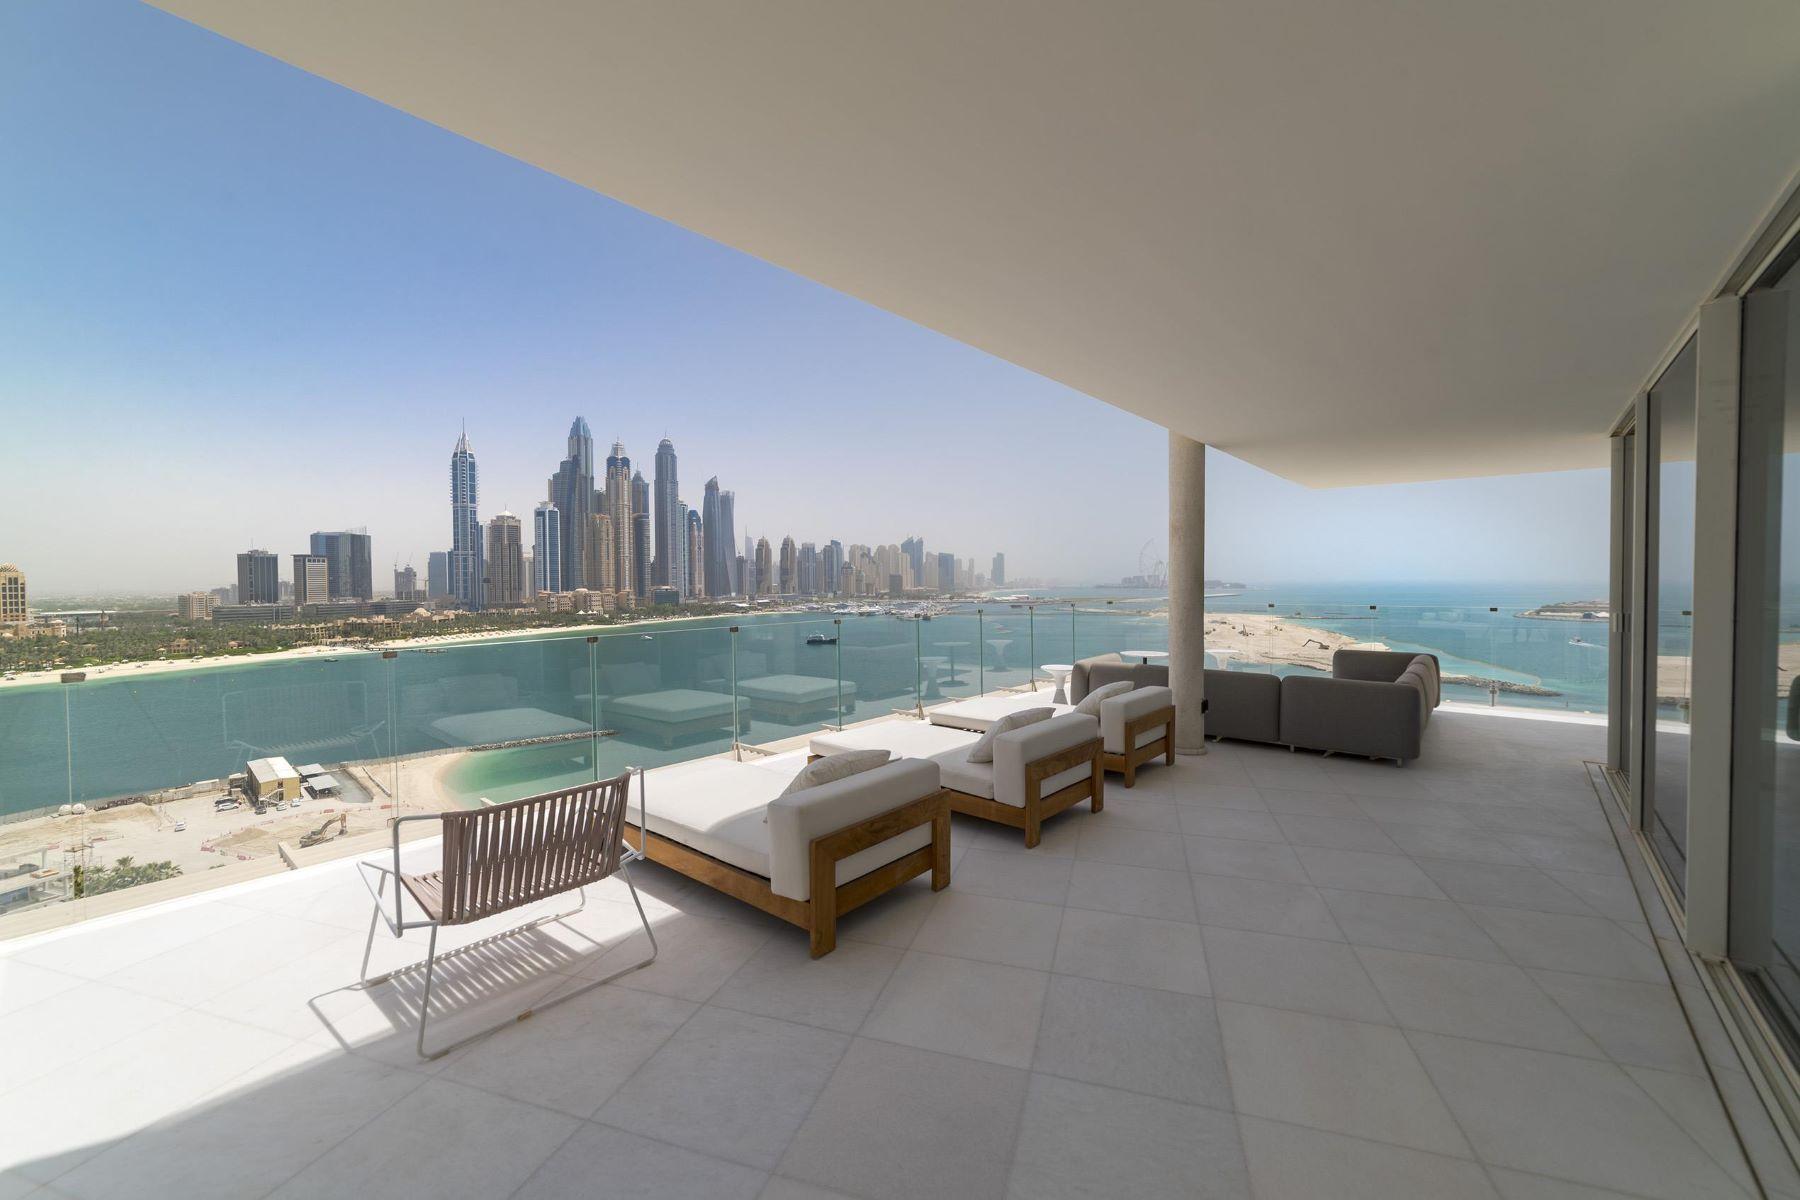 Apartments para Venda às Contemporary 4 Bedroom Beach Penthouse Palm Dubai, Dubai Emirados Árabes Unidos